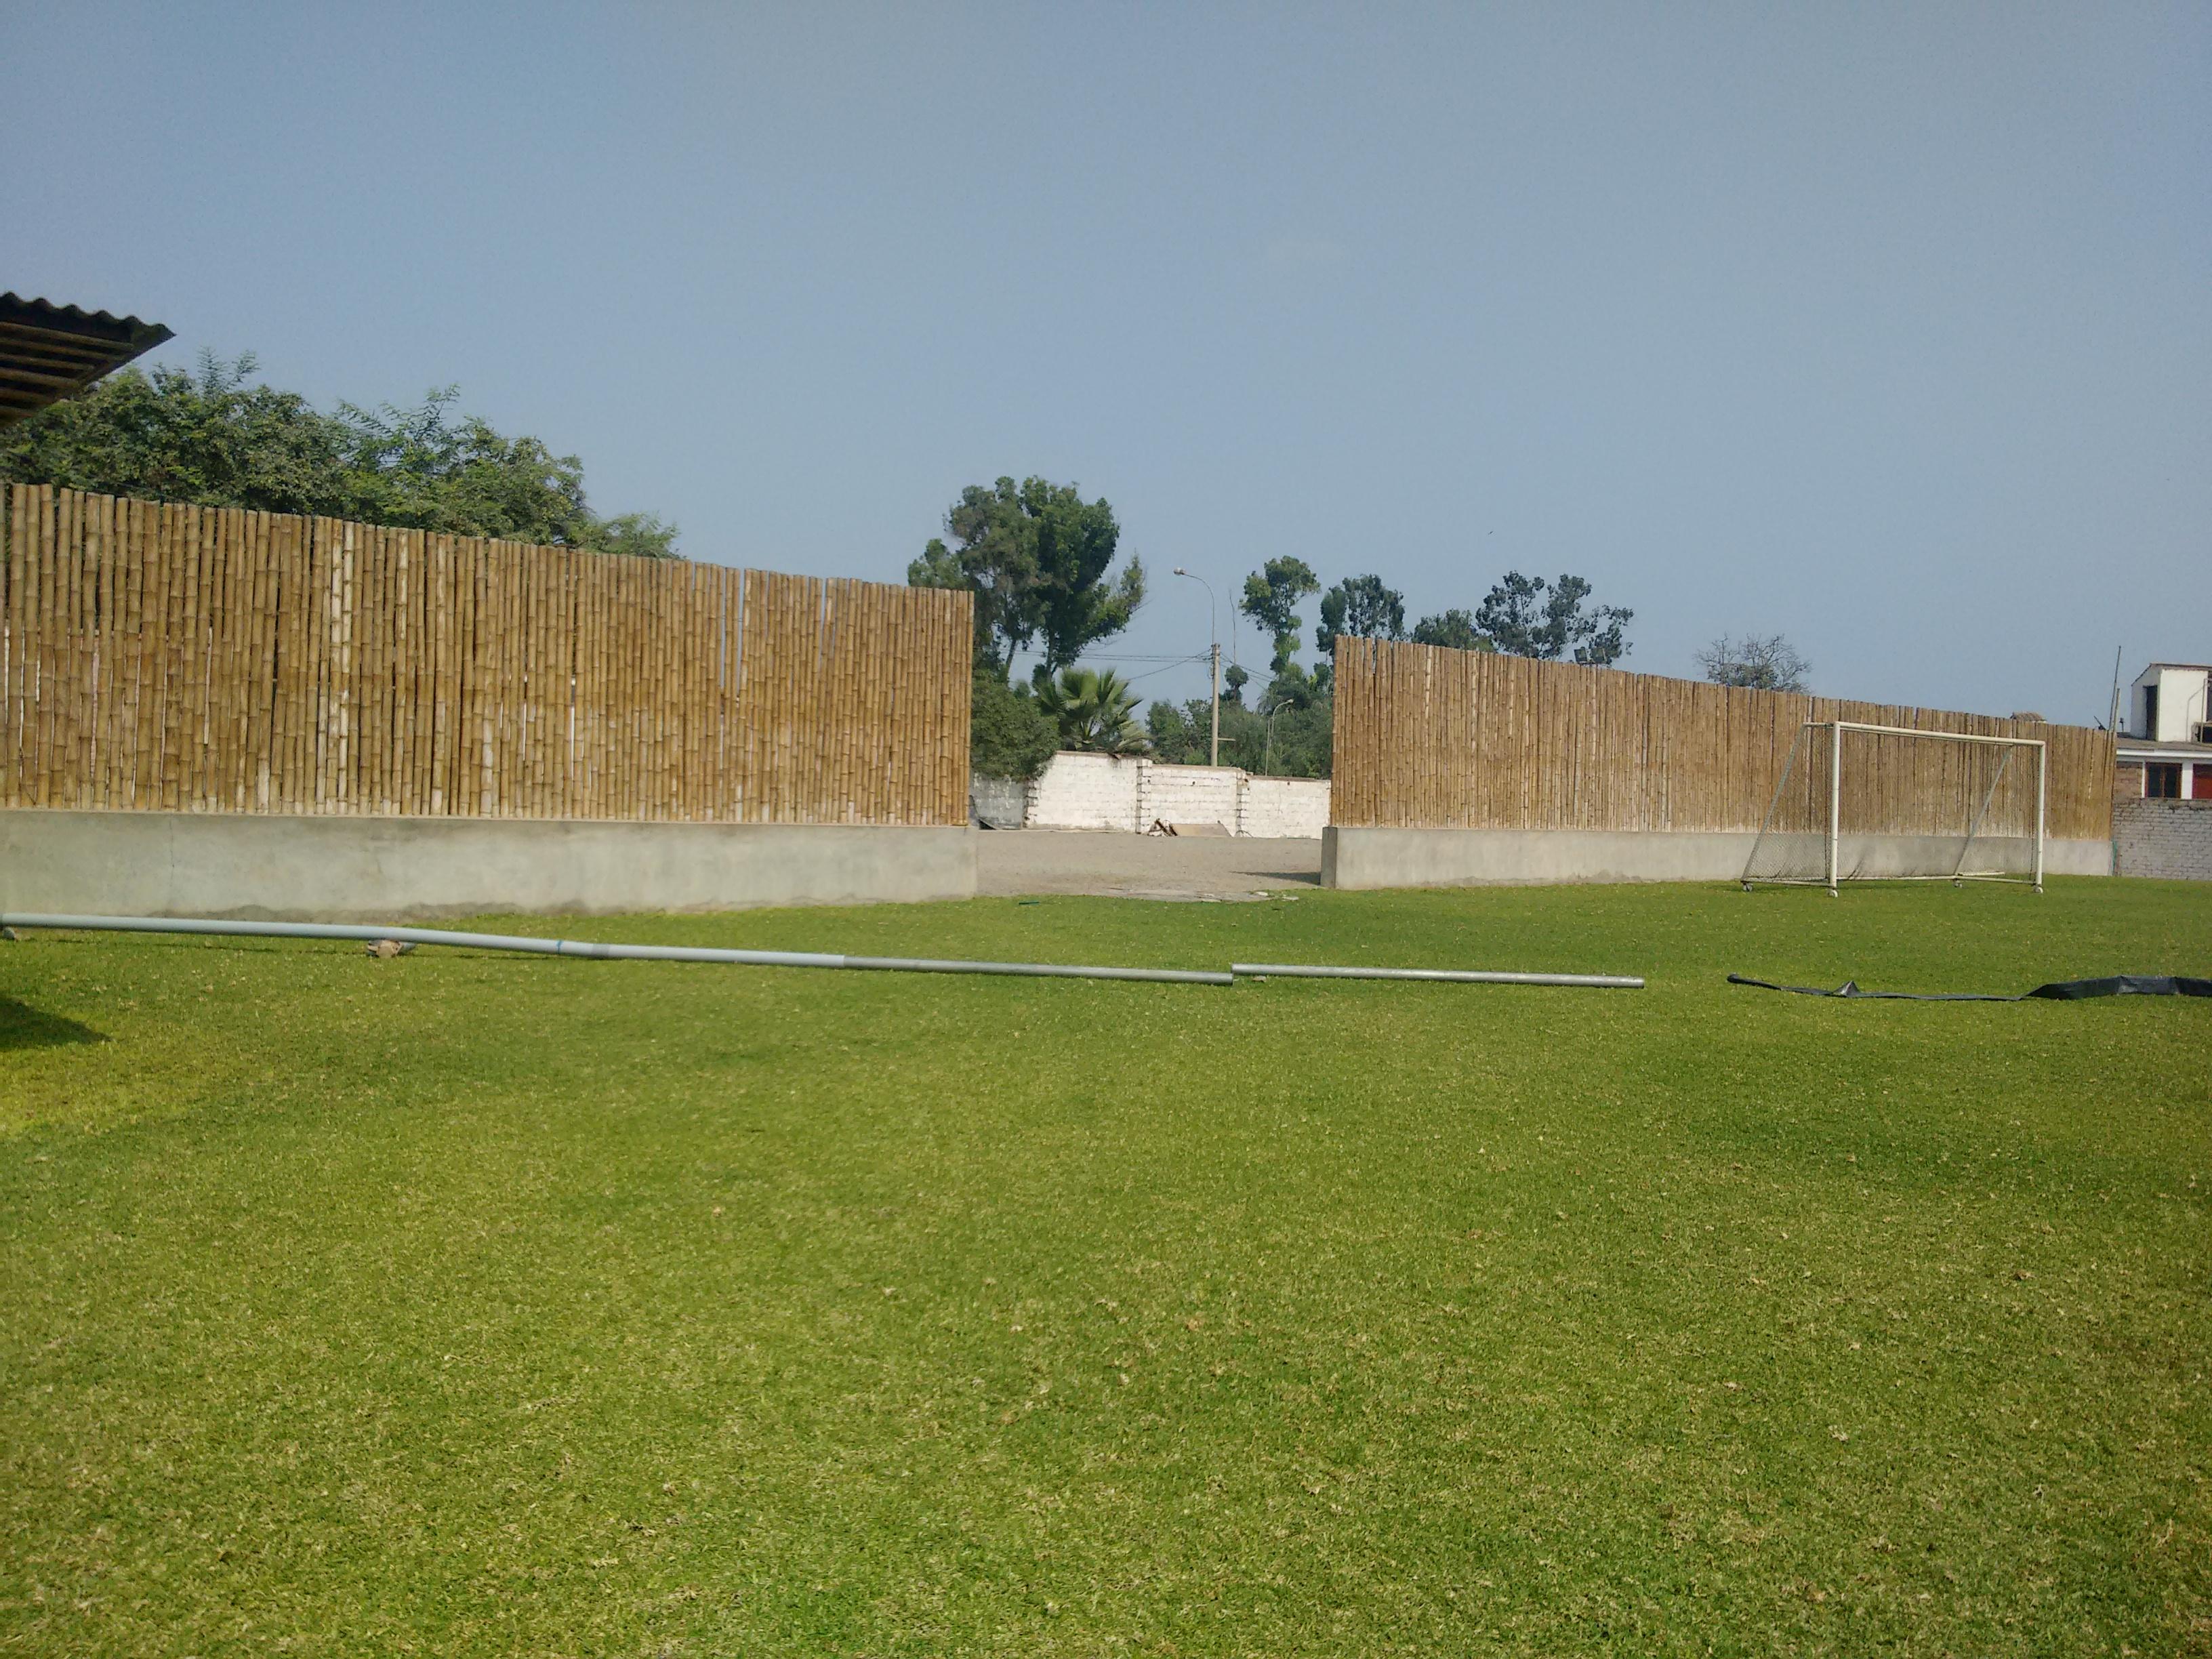 Venta de Terreno en Pachacamac, Lima 11600m2 area total - vista principal